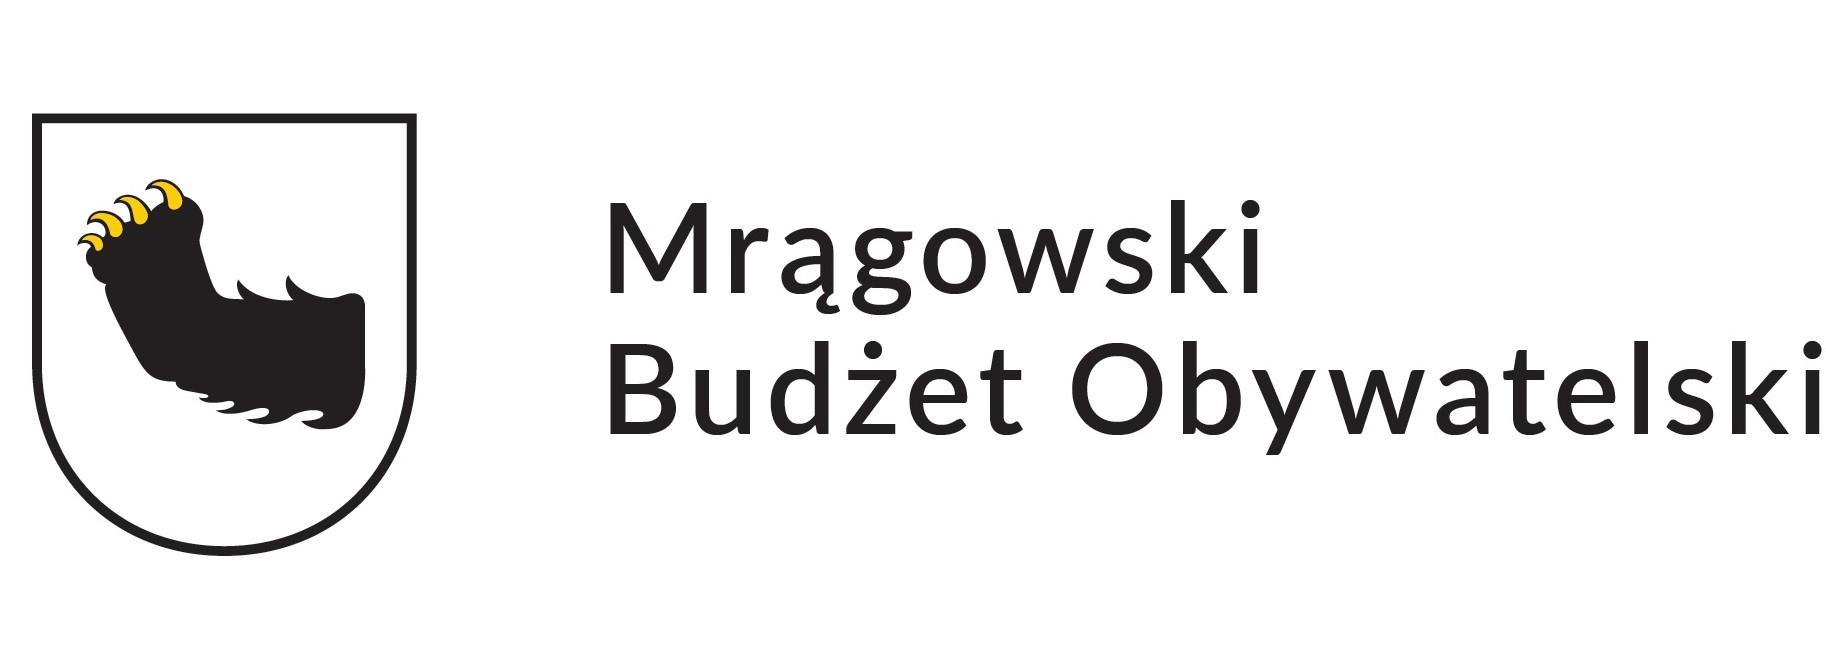 Koniec przyjmowania pomysłów na budżet obywatelski. Wkrótce głosowanie.